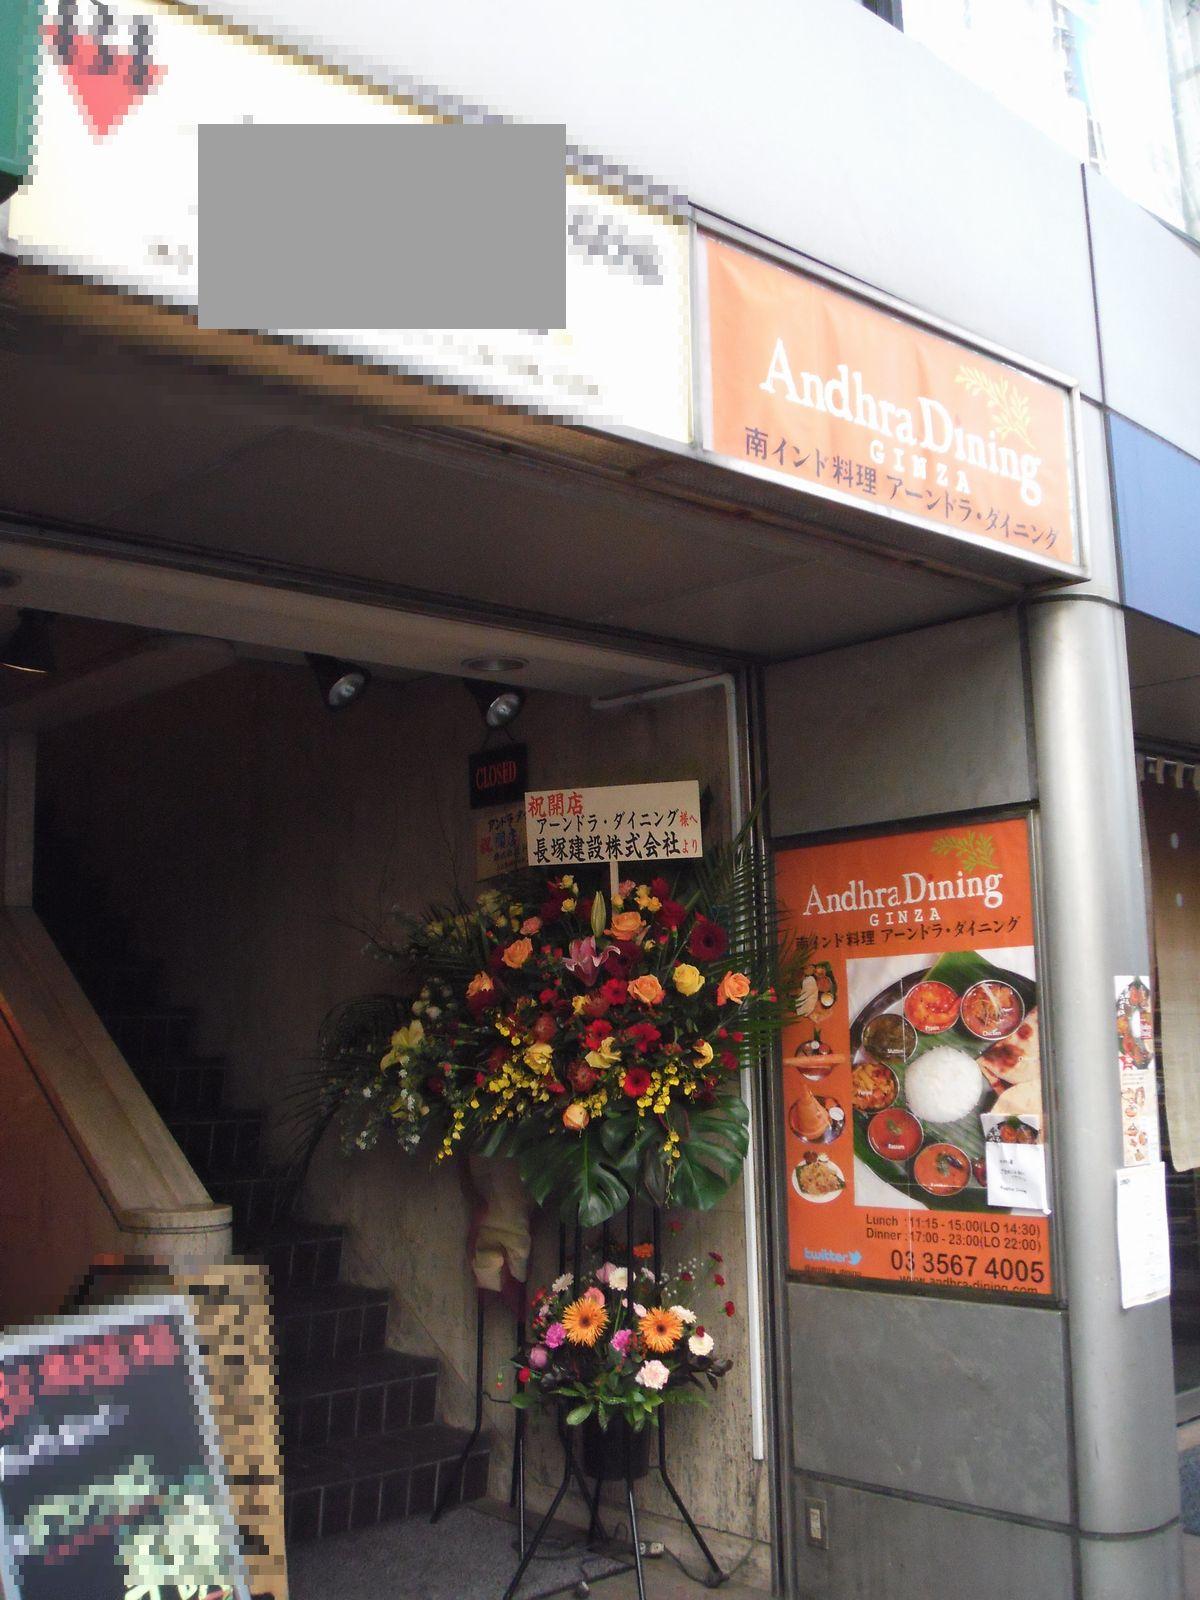 アーンドラ・ダイニング 銀座本店